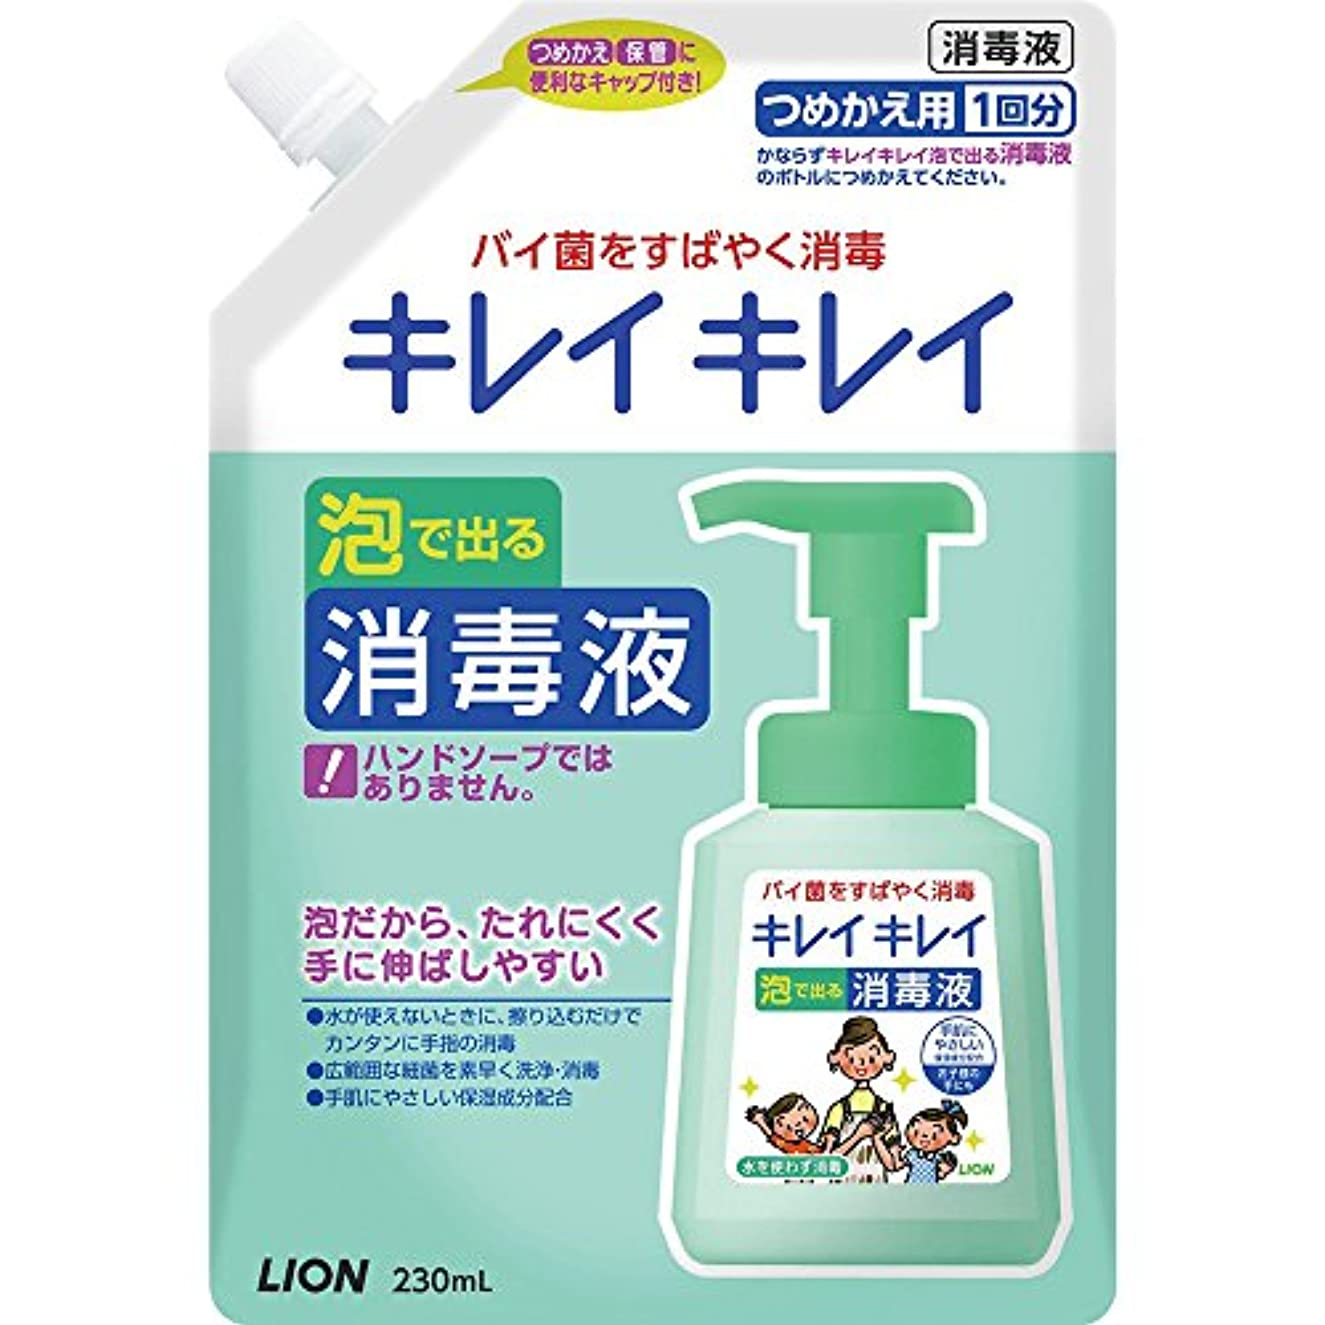 シェードリアルエールキレイキレイ 薬 泡ででる消毒液 詰替 230ml (指定医薬部外品)